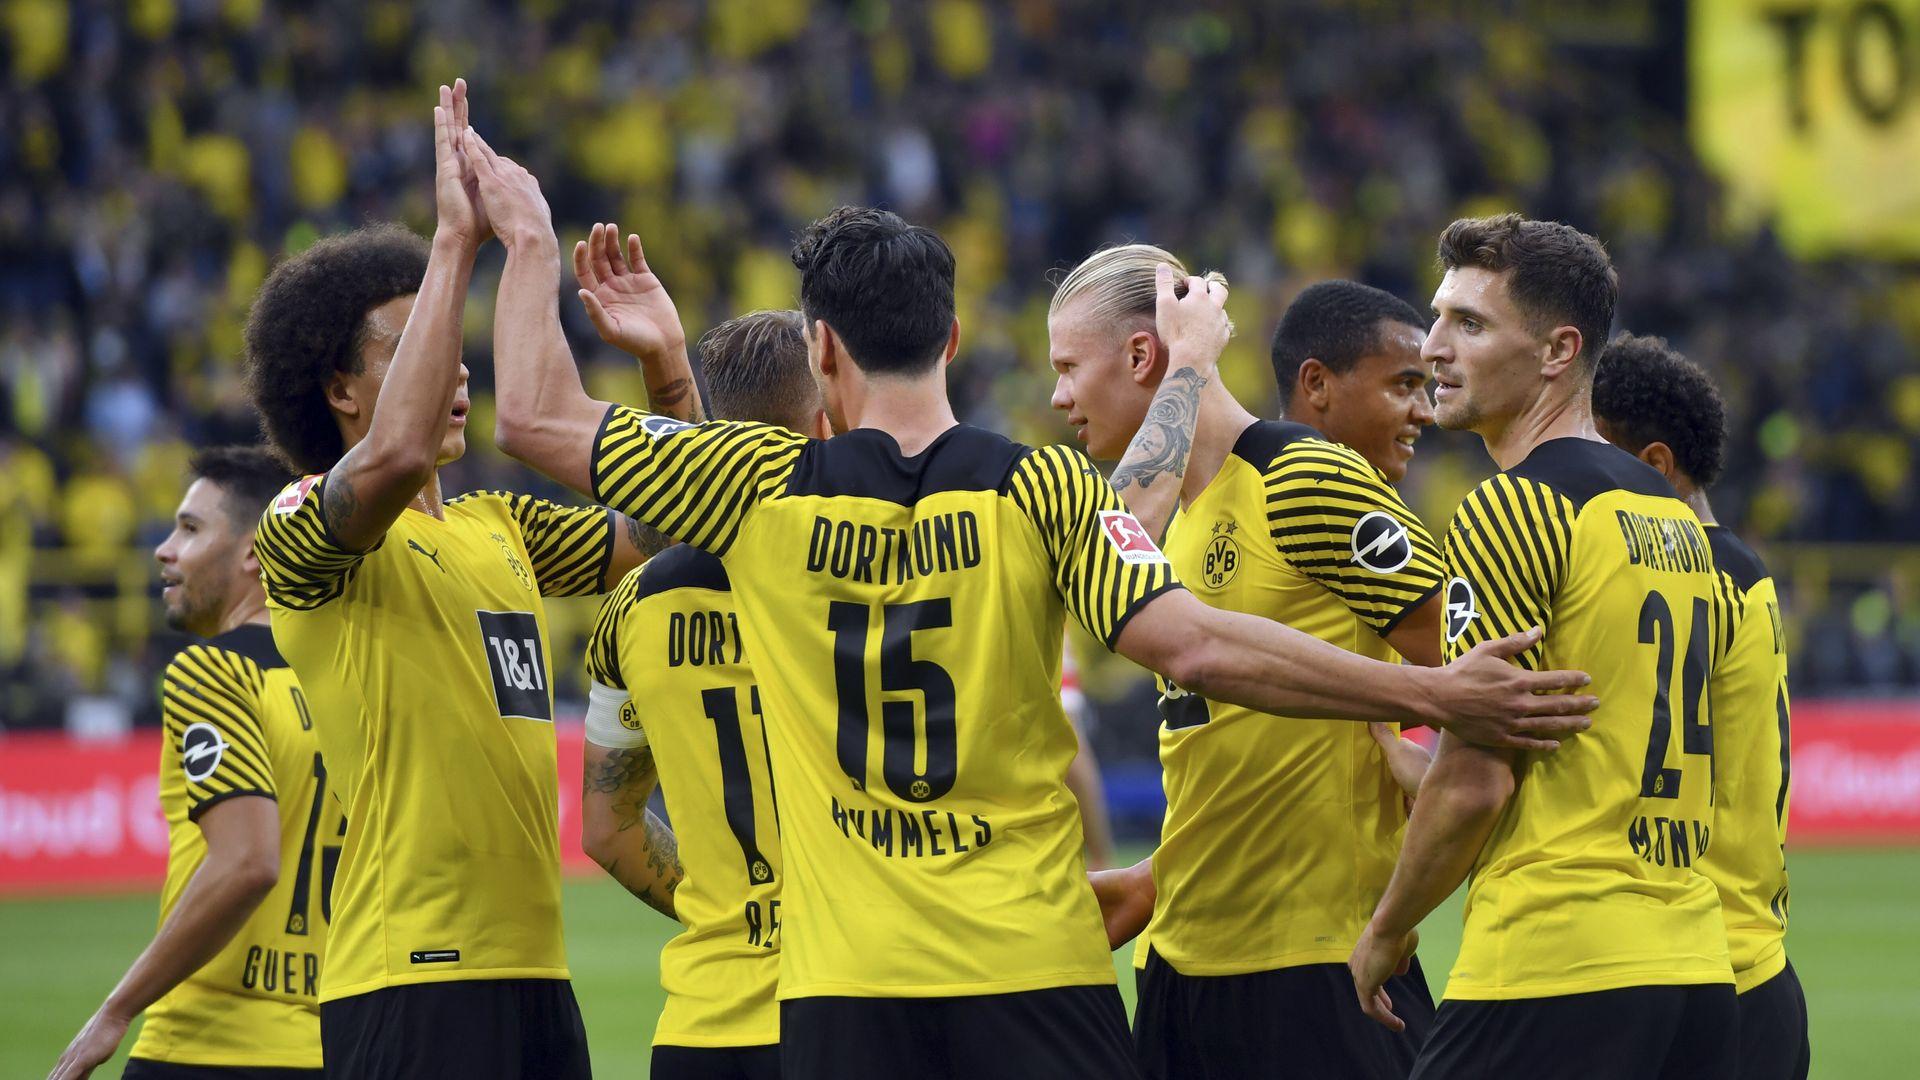 Dortmund đánh bại Union Berlin trên sân nhà Signal Iduna Park